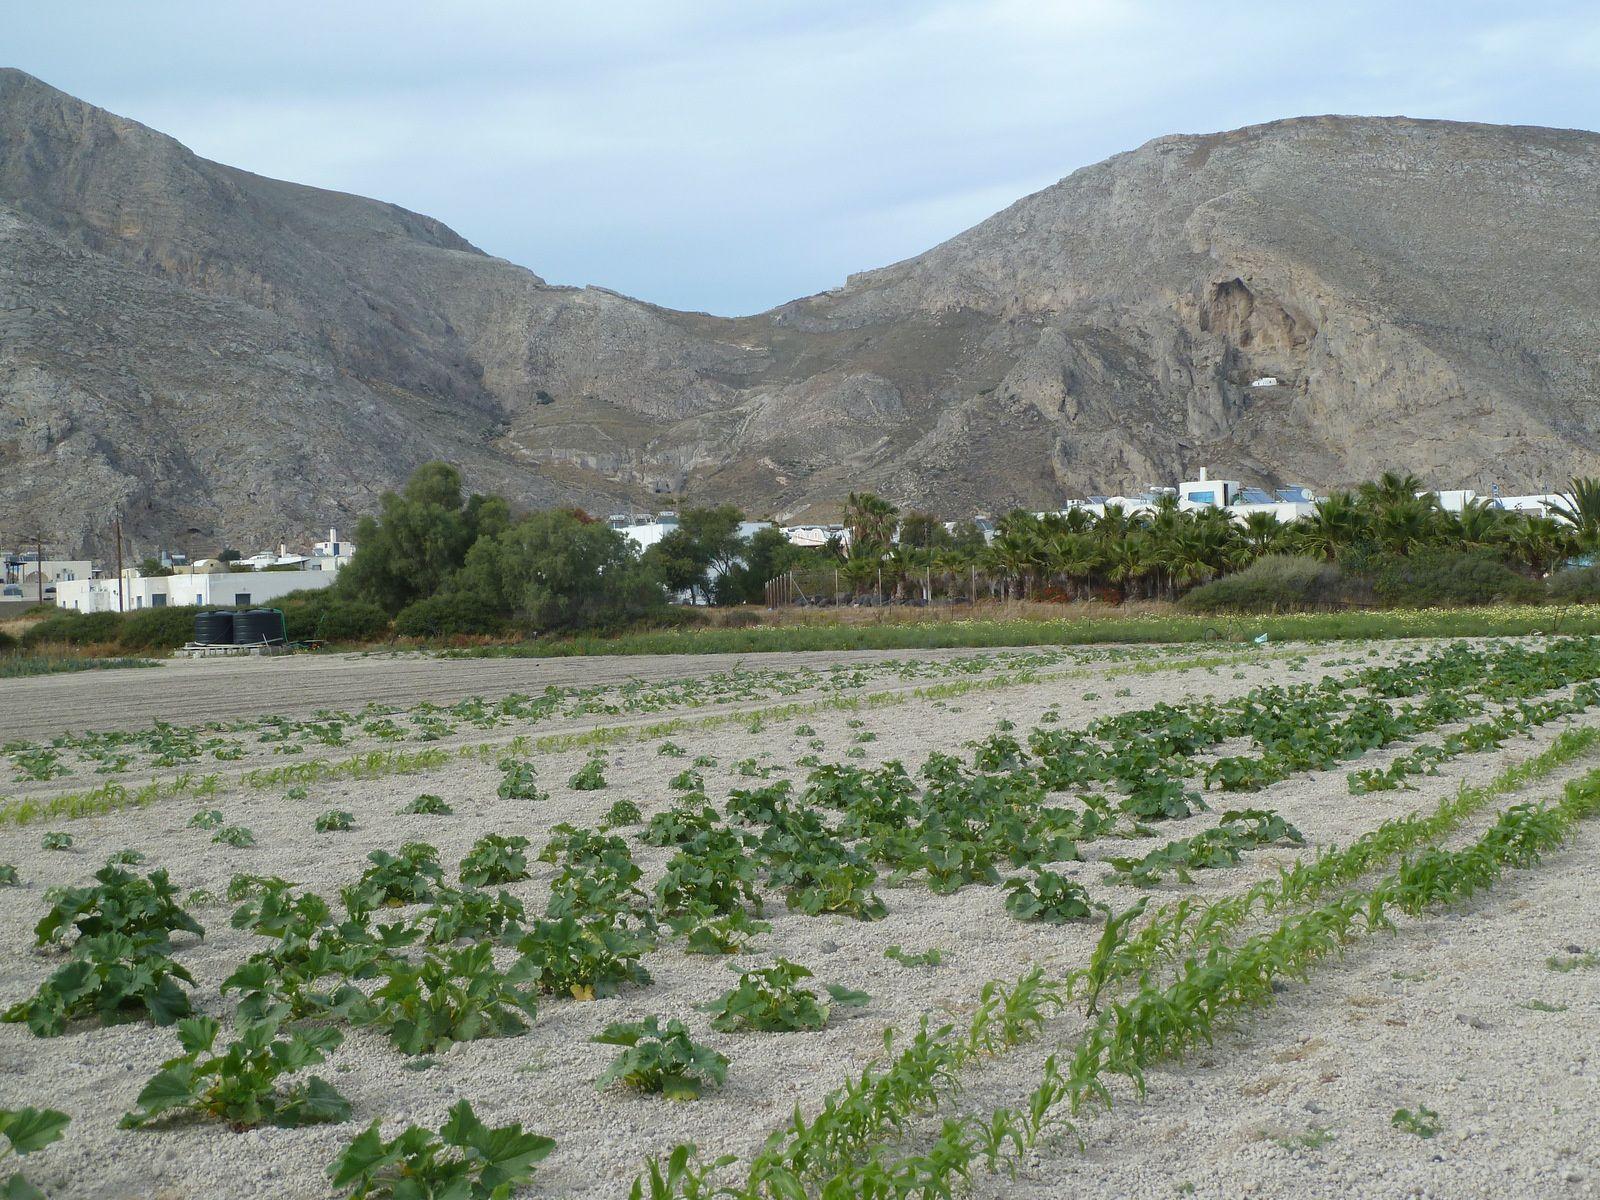 La pauvreté du sol de type volcanique due à la couche de cendre ne permet que peu de culture, des tomates cerises délicieuses y poussent et quelques vignoble qui produisent un bon vin...